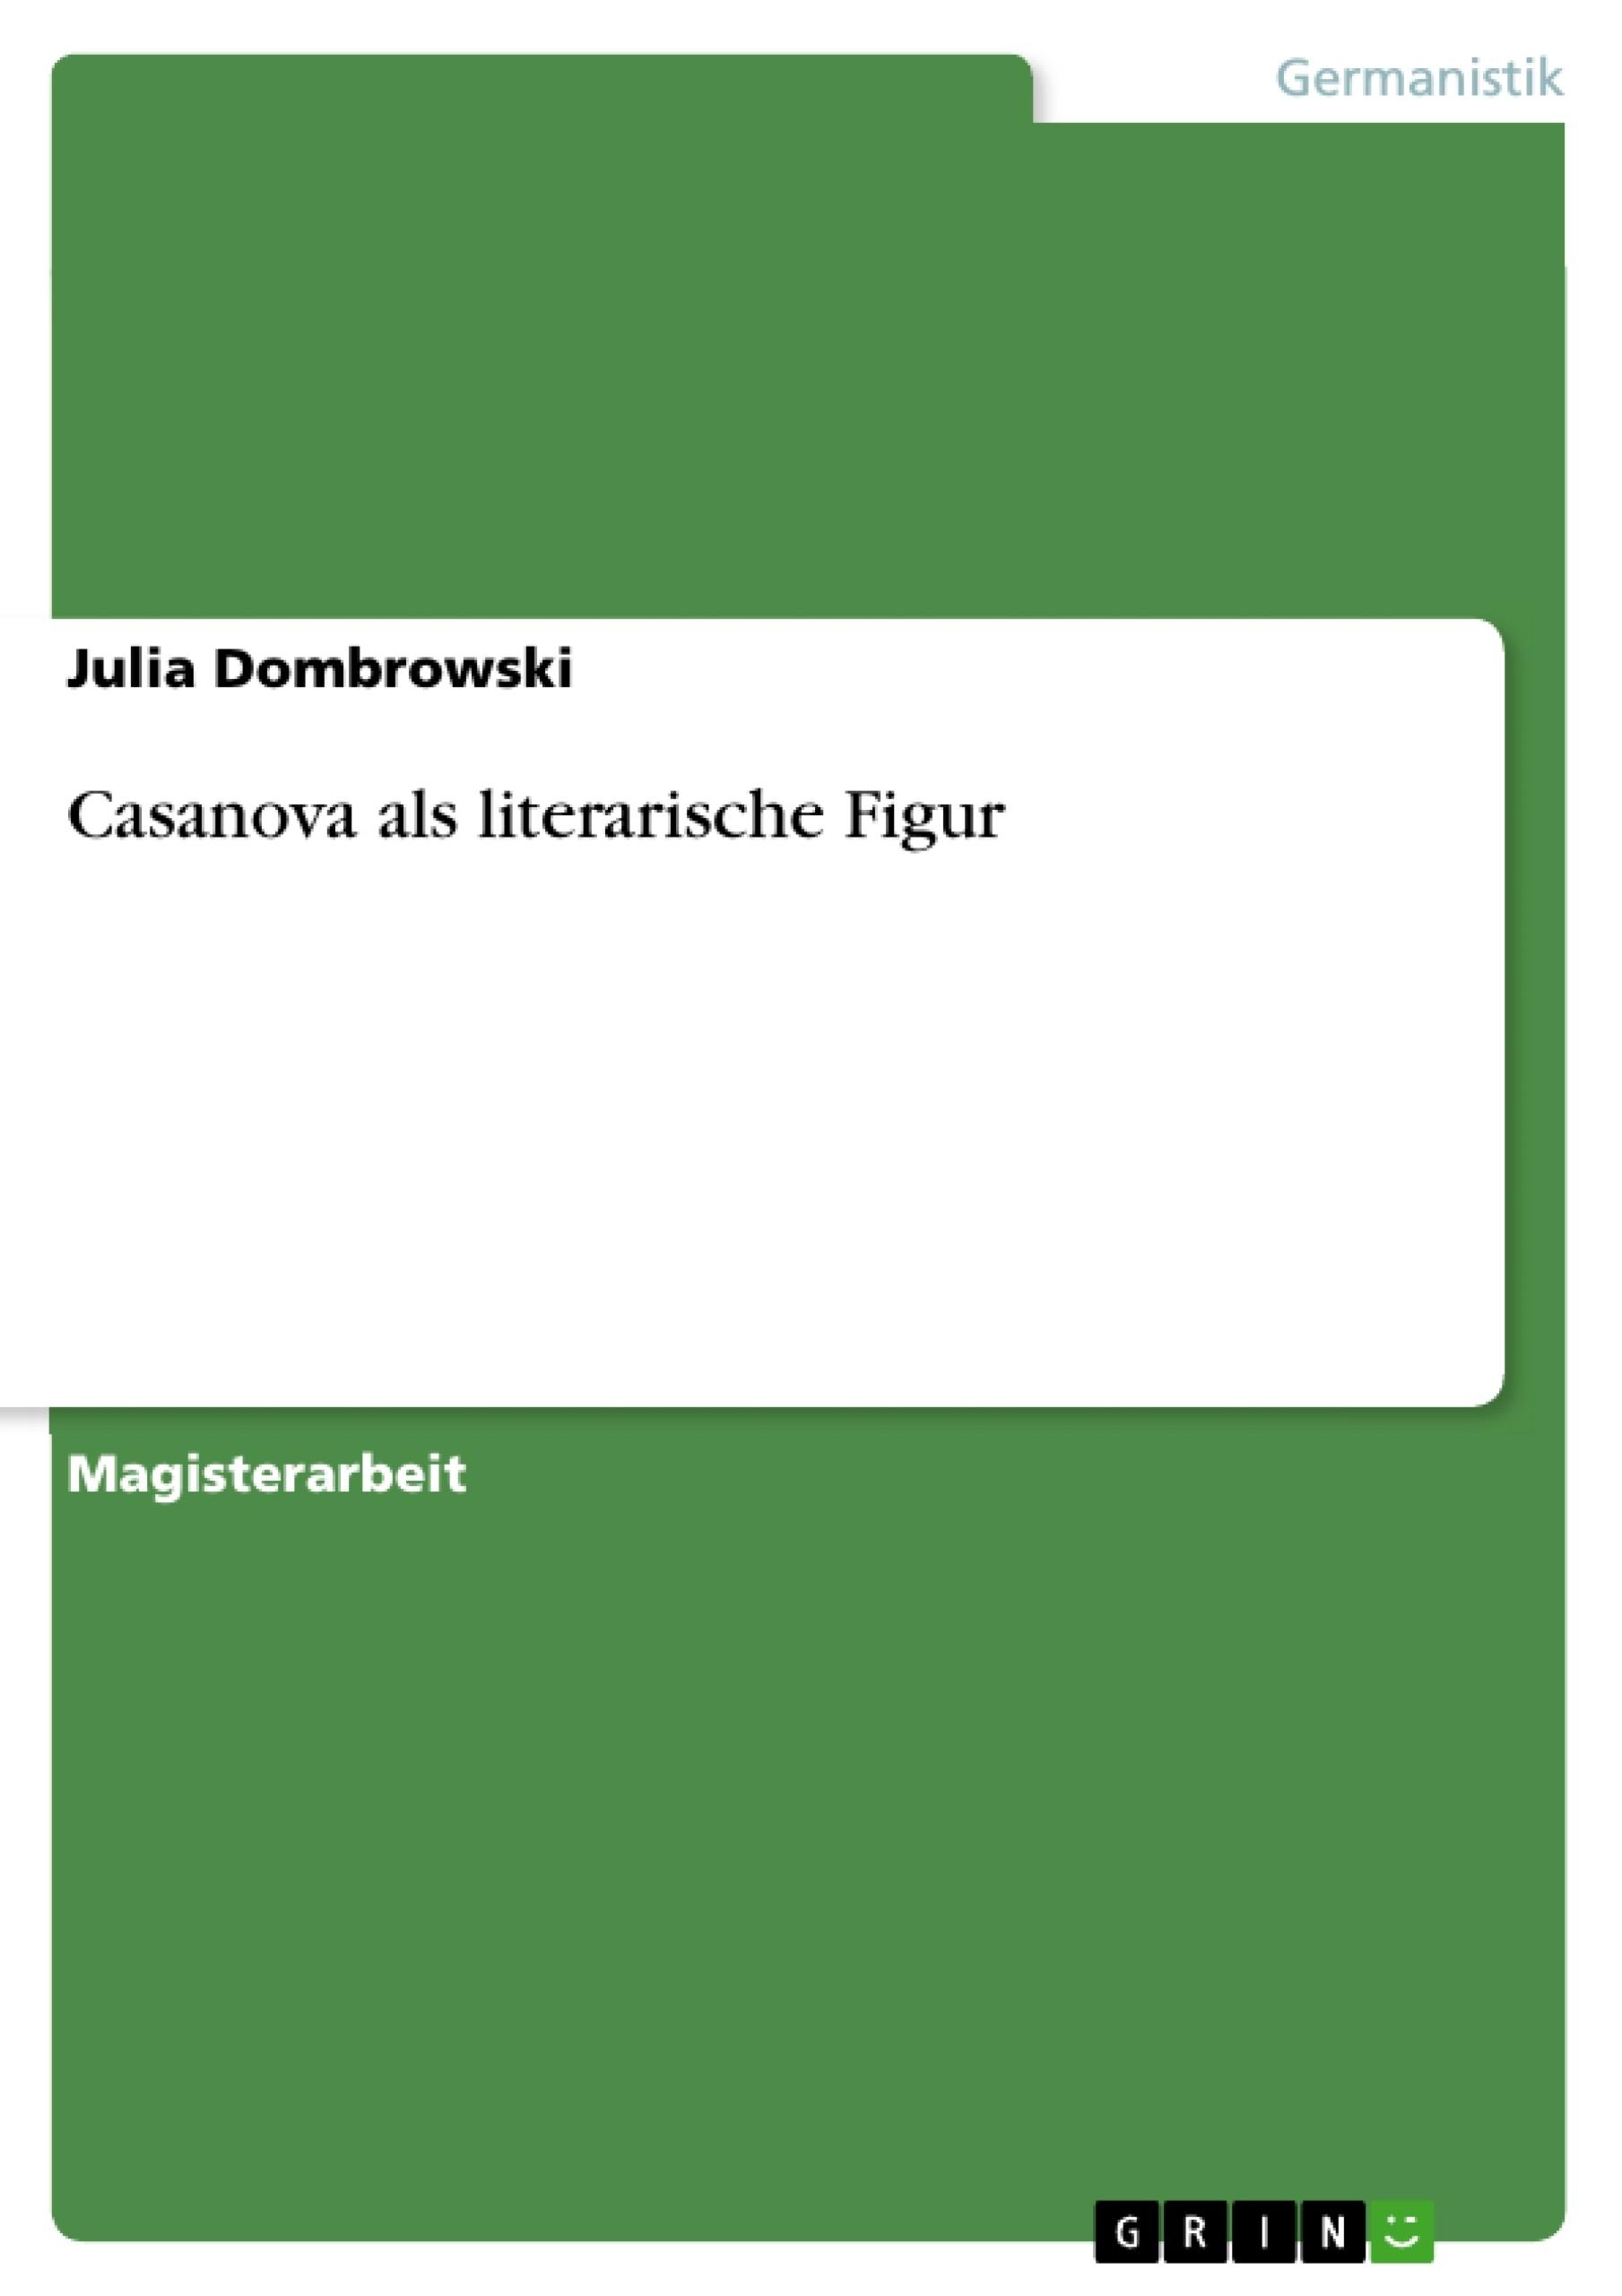 Titel: Casanova als literarische Figur